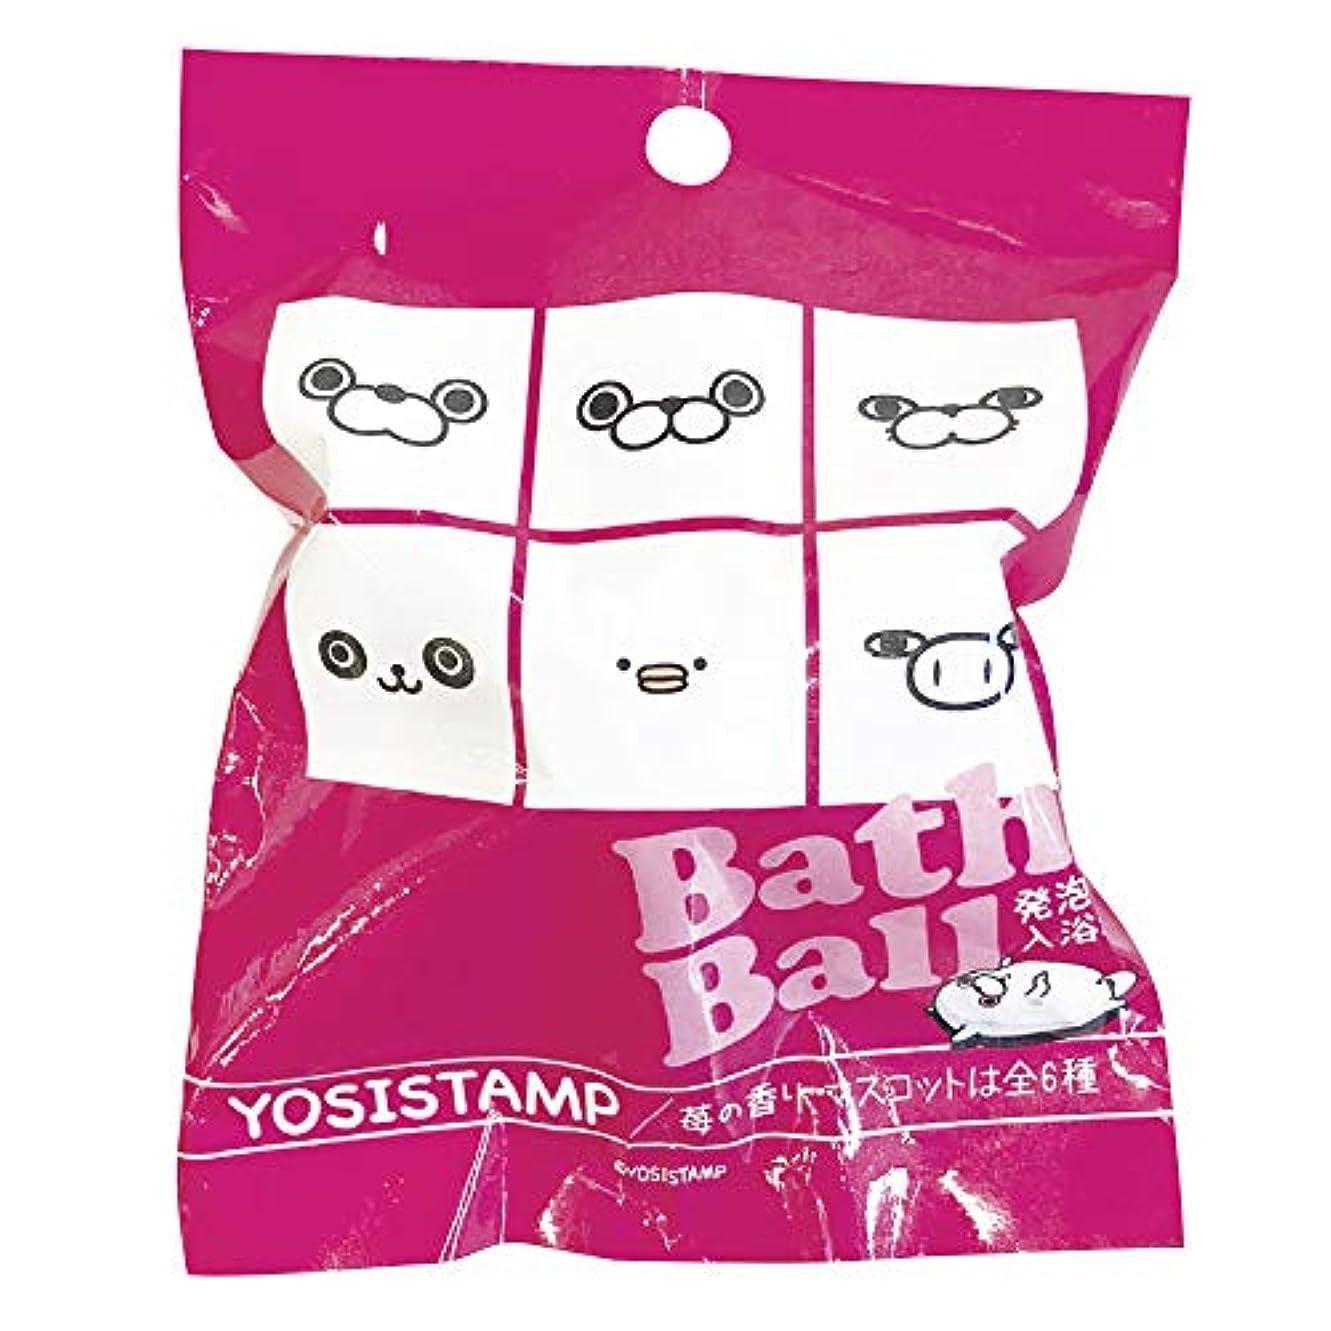 注意まとめるパーフェルビッドヨッシースタンプ 入浴剤 バスボール おまけ付き イチゴの香り ABD-004-002